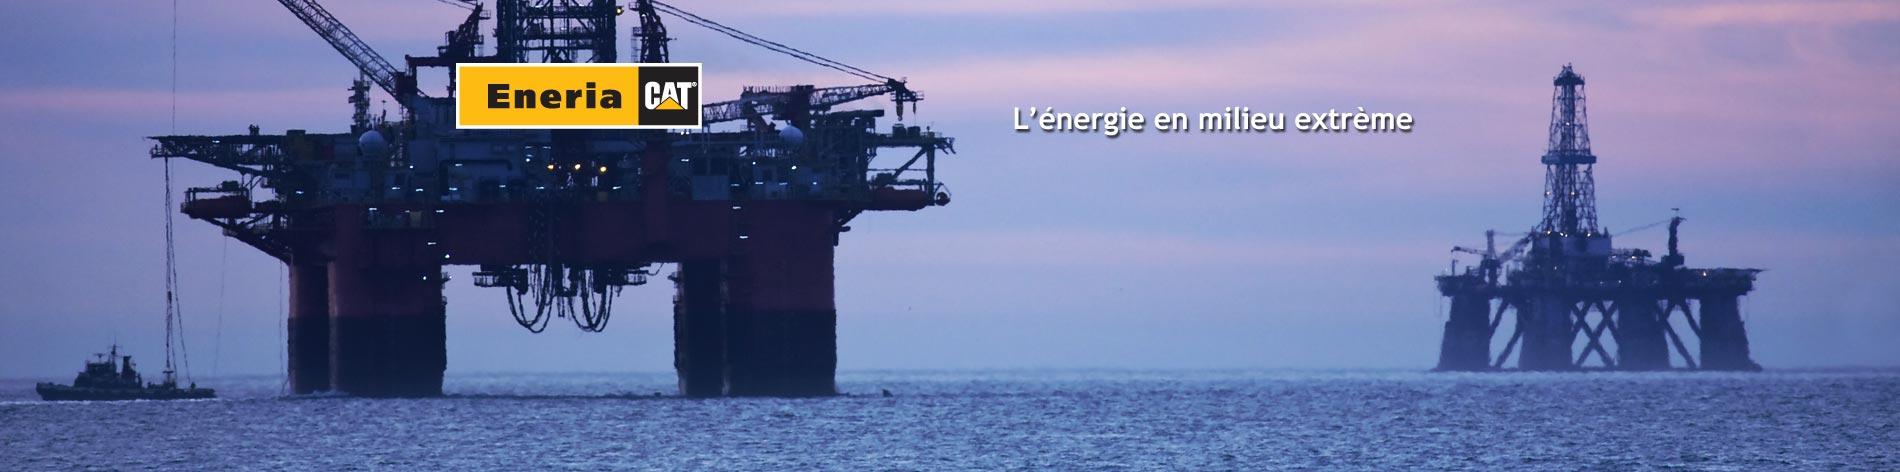 L'exploitation pétrolière en continue nécessite la plus grande fiabilité des installations. Pour répondre à une telle exigence, nous mettons notre savoir-faire à disposition des acteurs du pétrole.